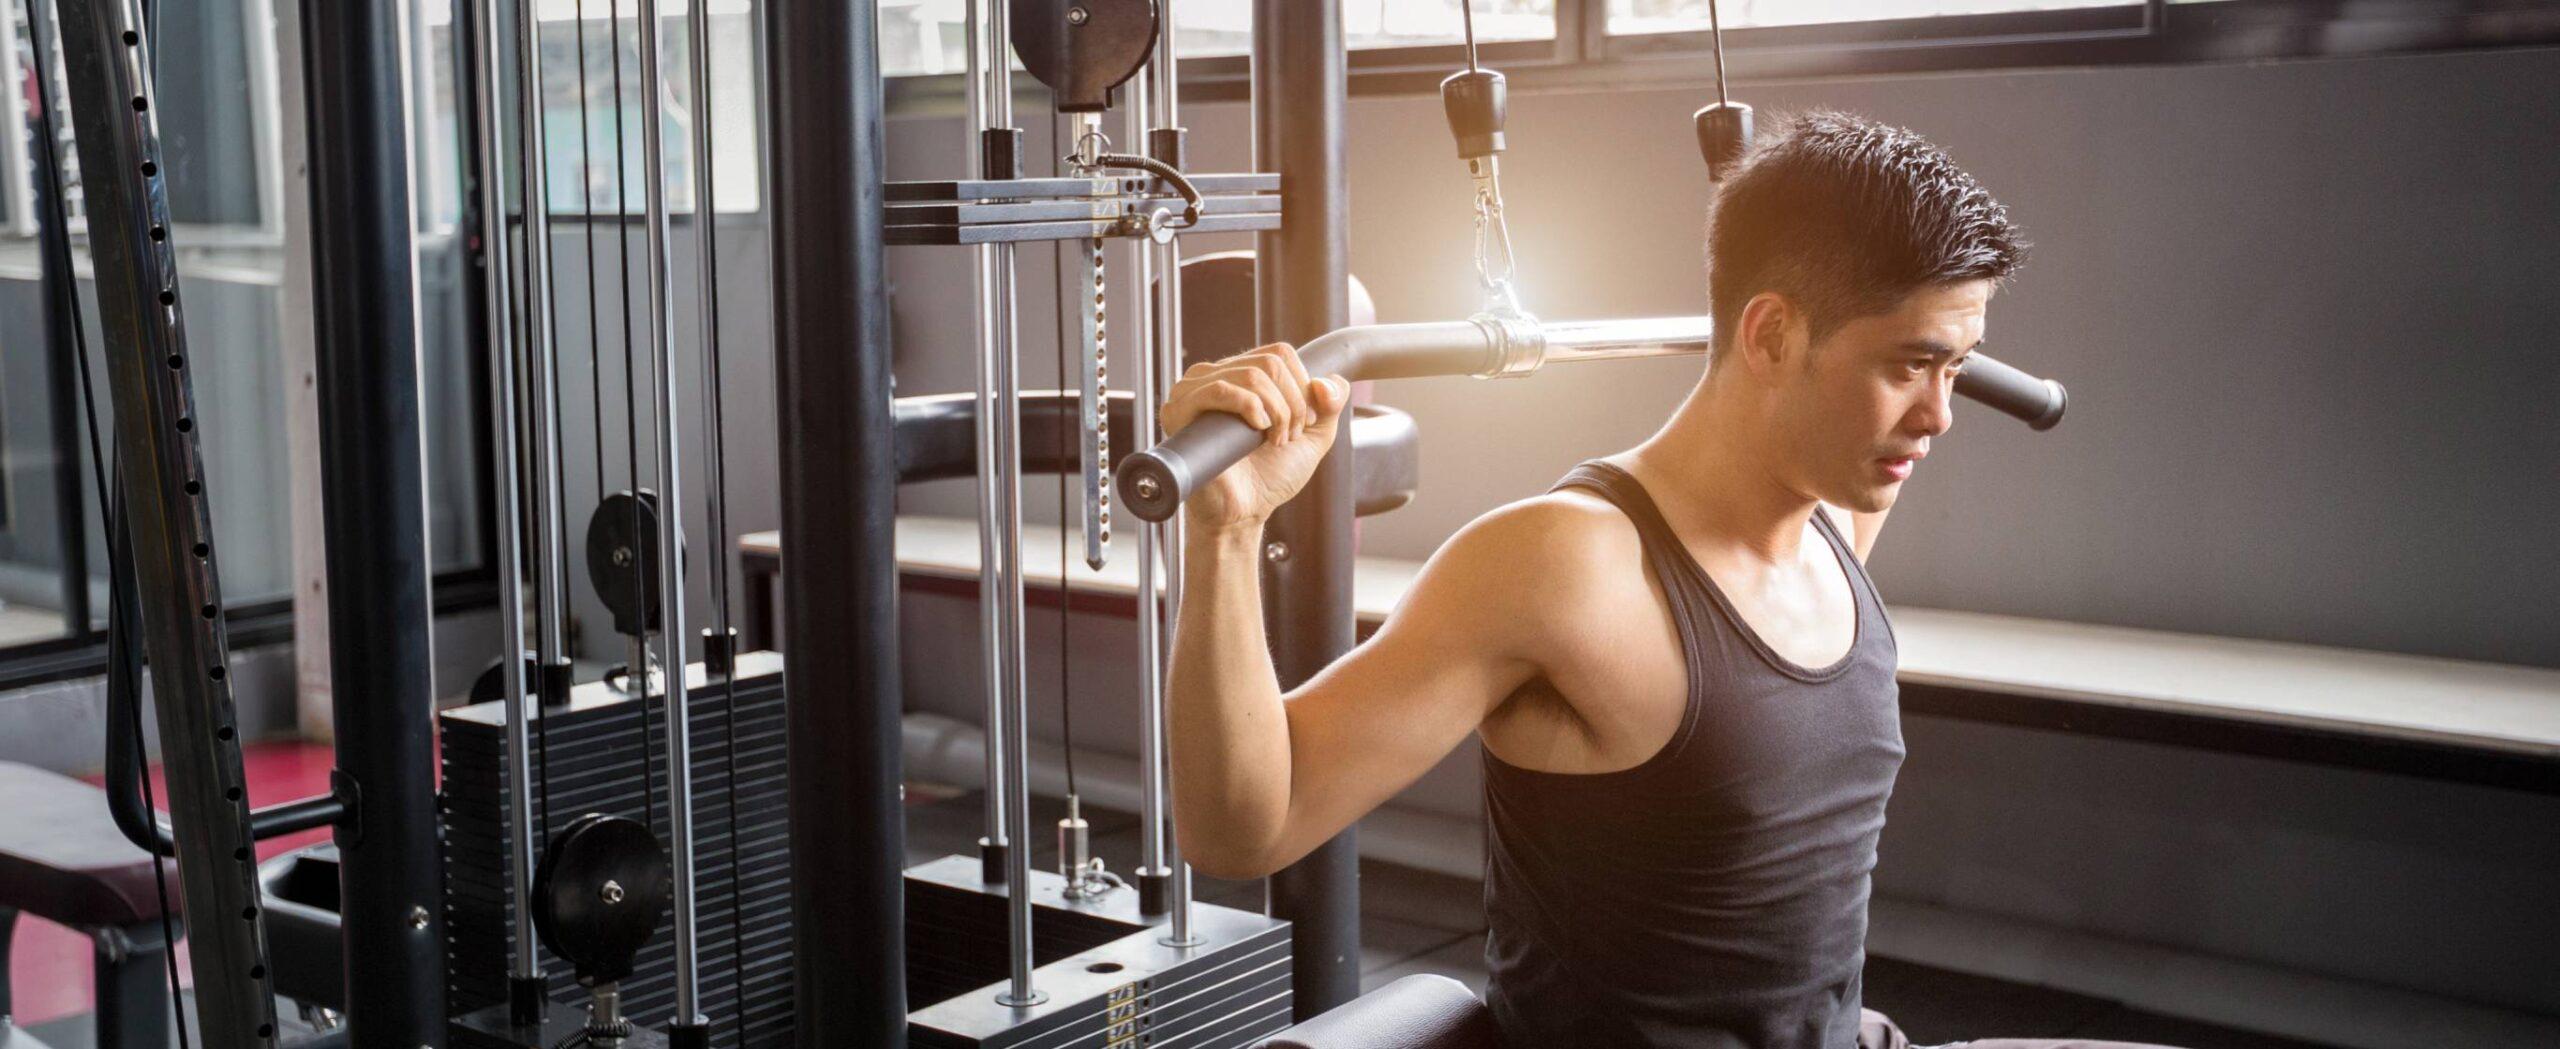 Rèn luyện cơ bắp như gym